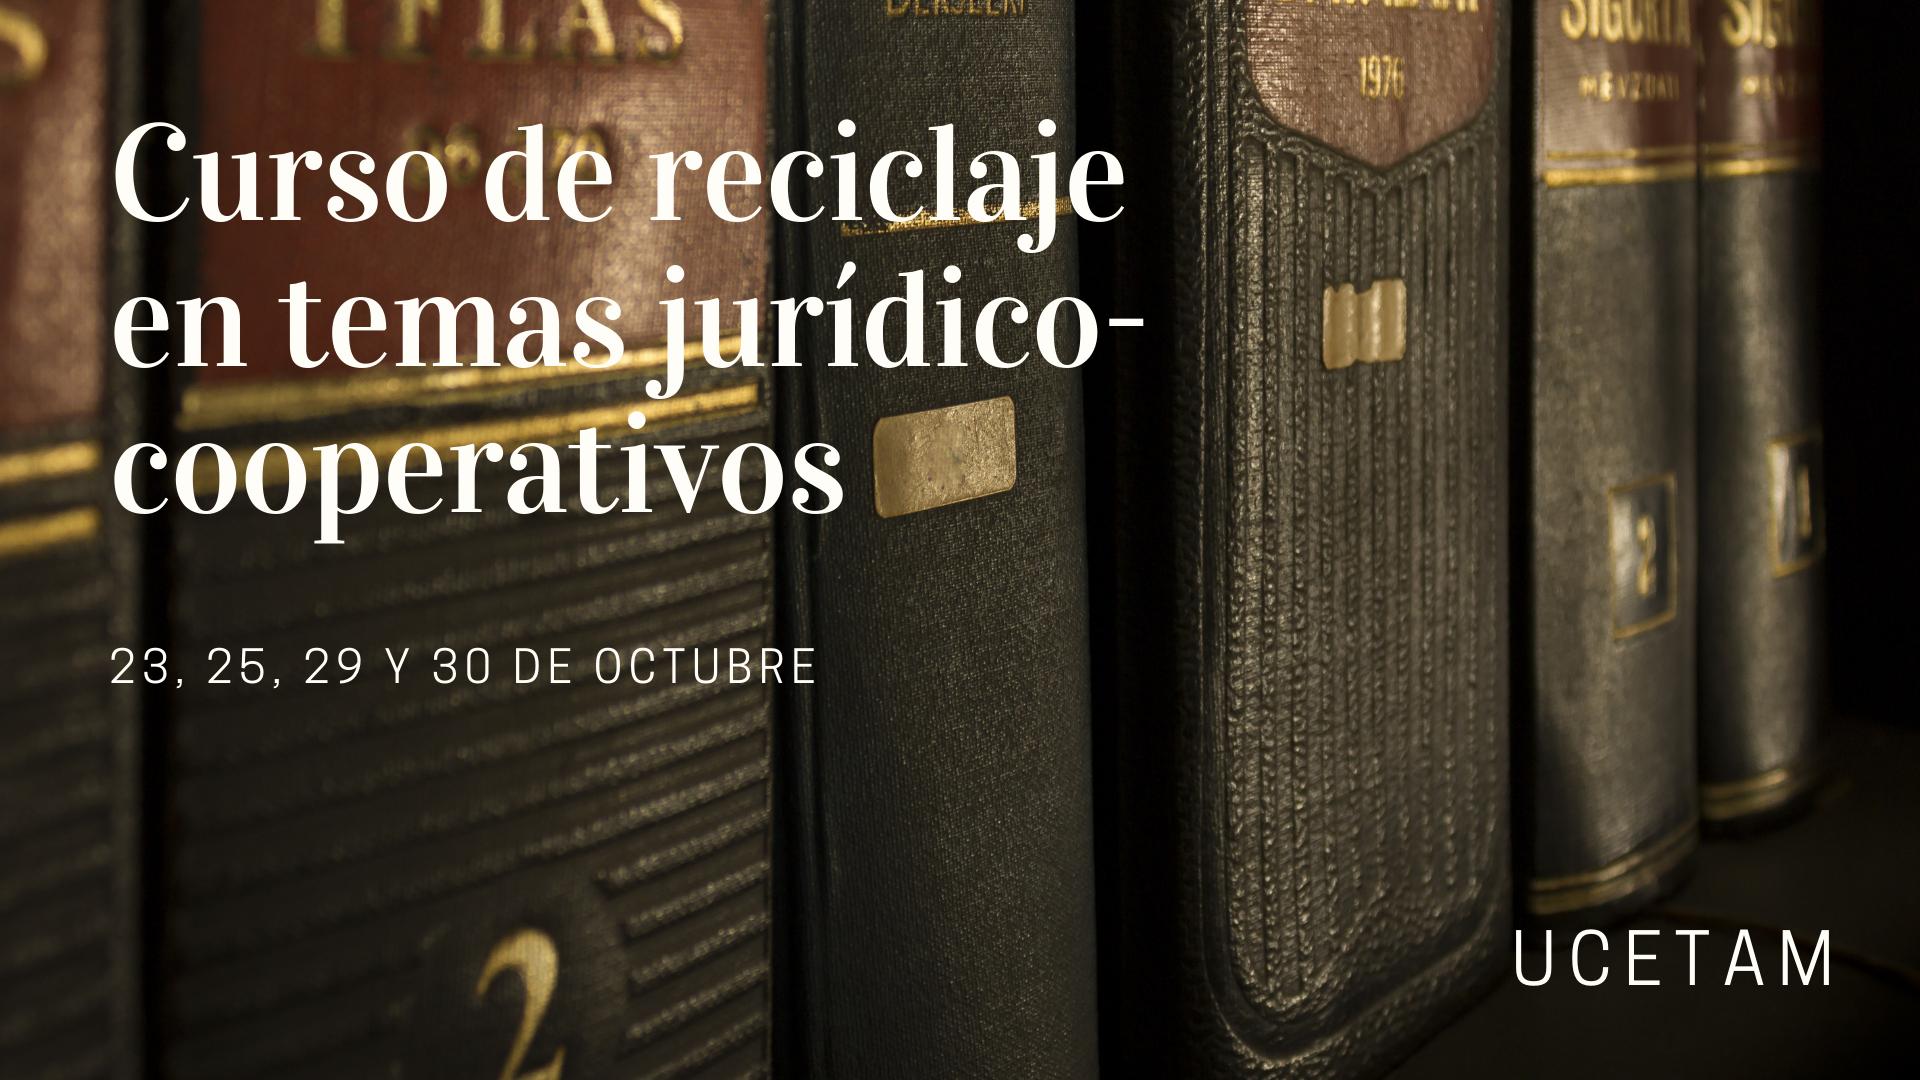 Curso UCETAM | Reciclaje en temas jurídico-cooperativos